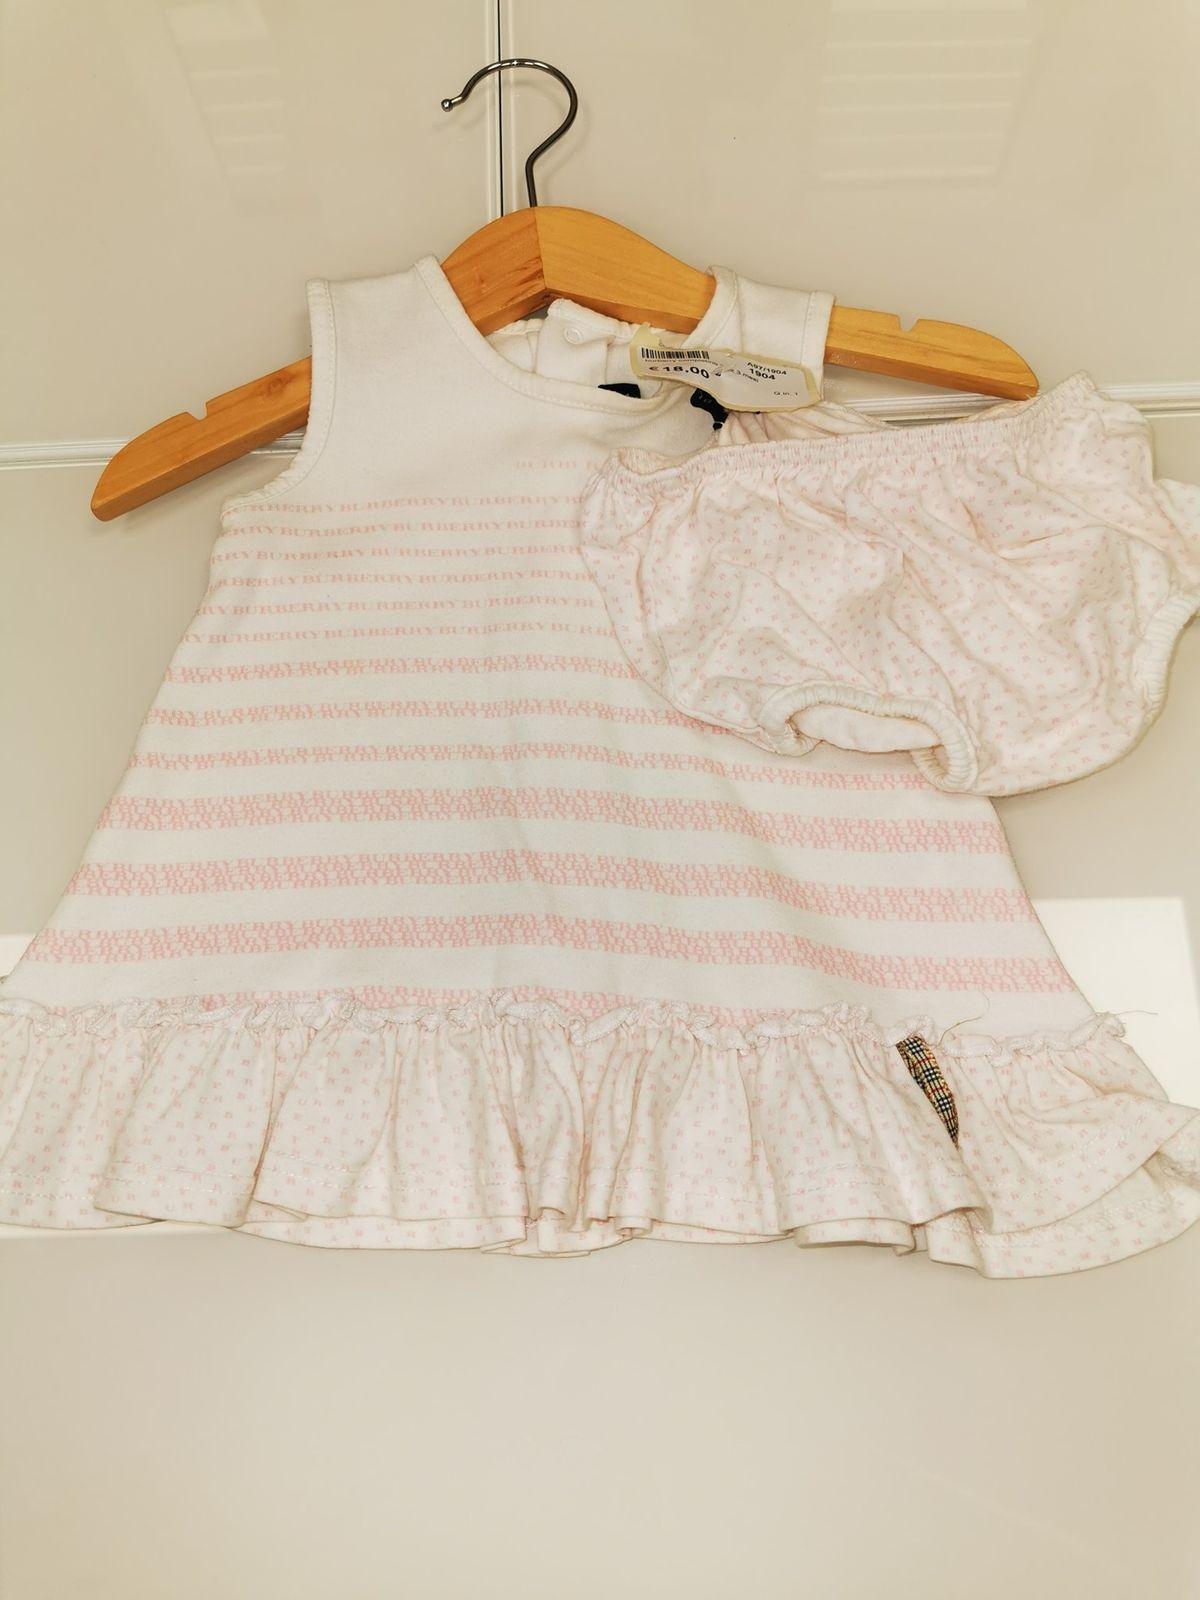 Burberry Vestito con copri pannolino  3 mesi  € 18,00 1904